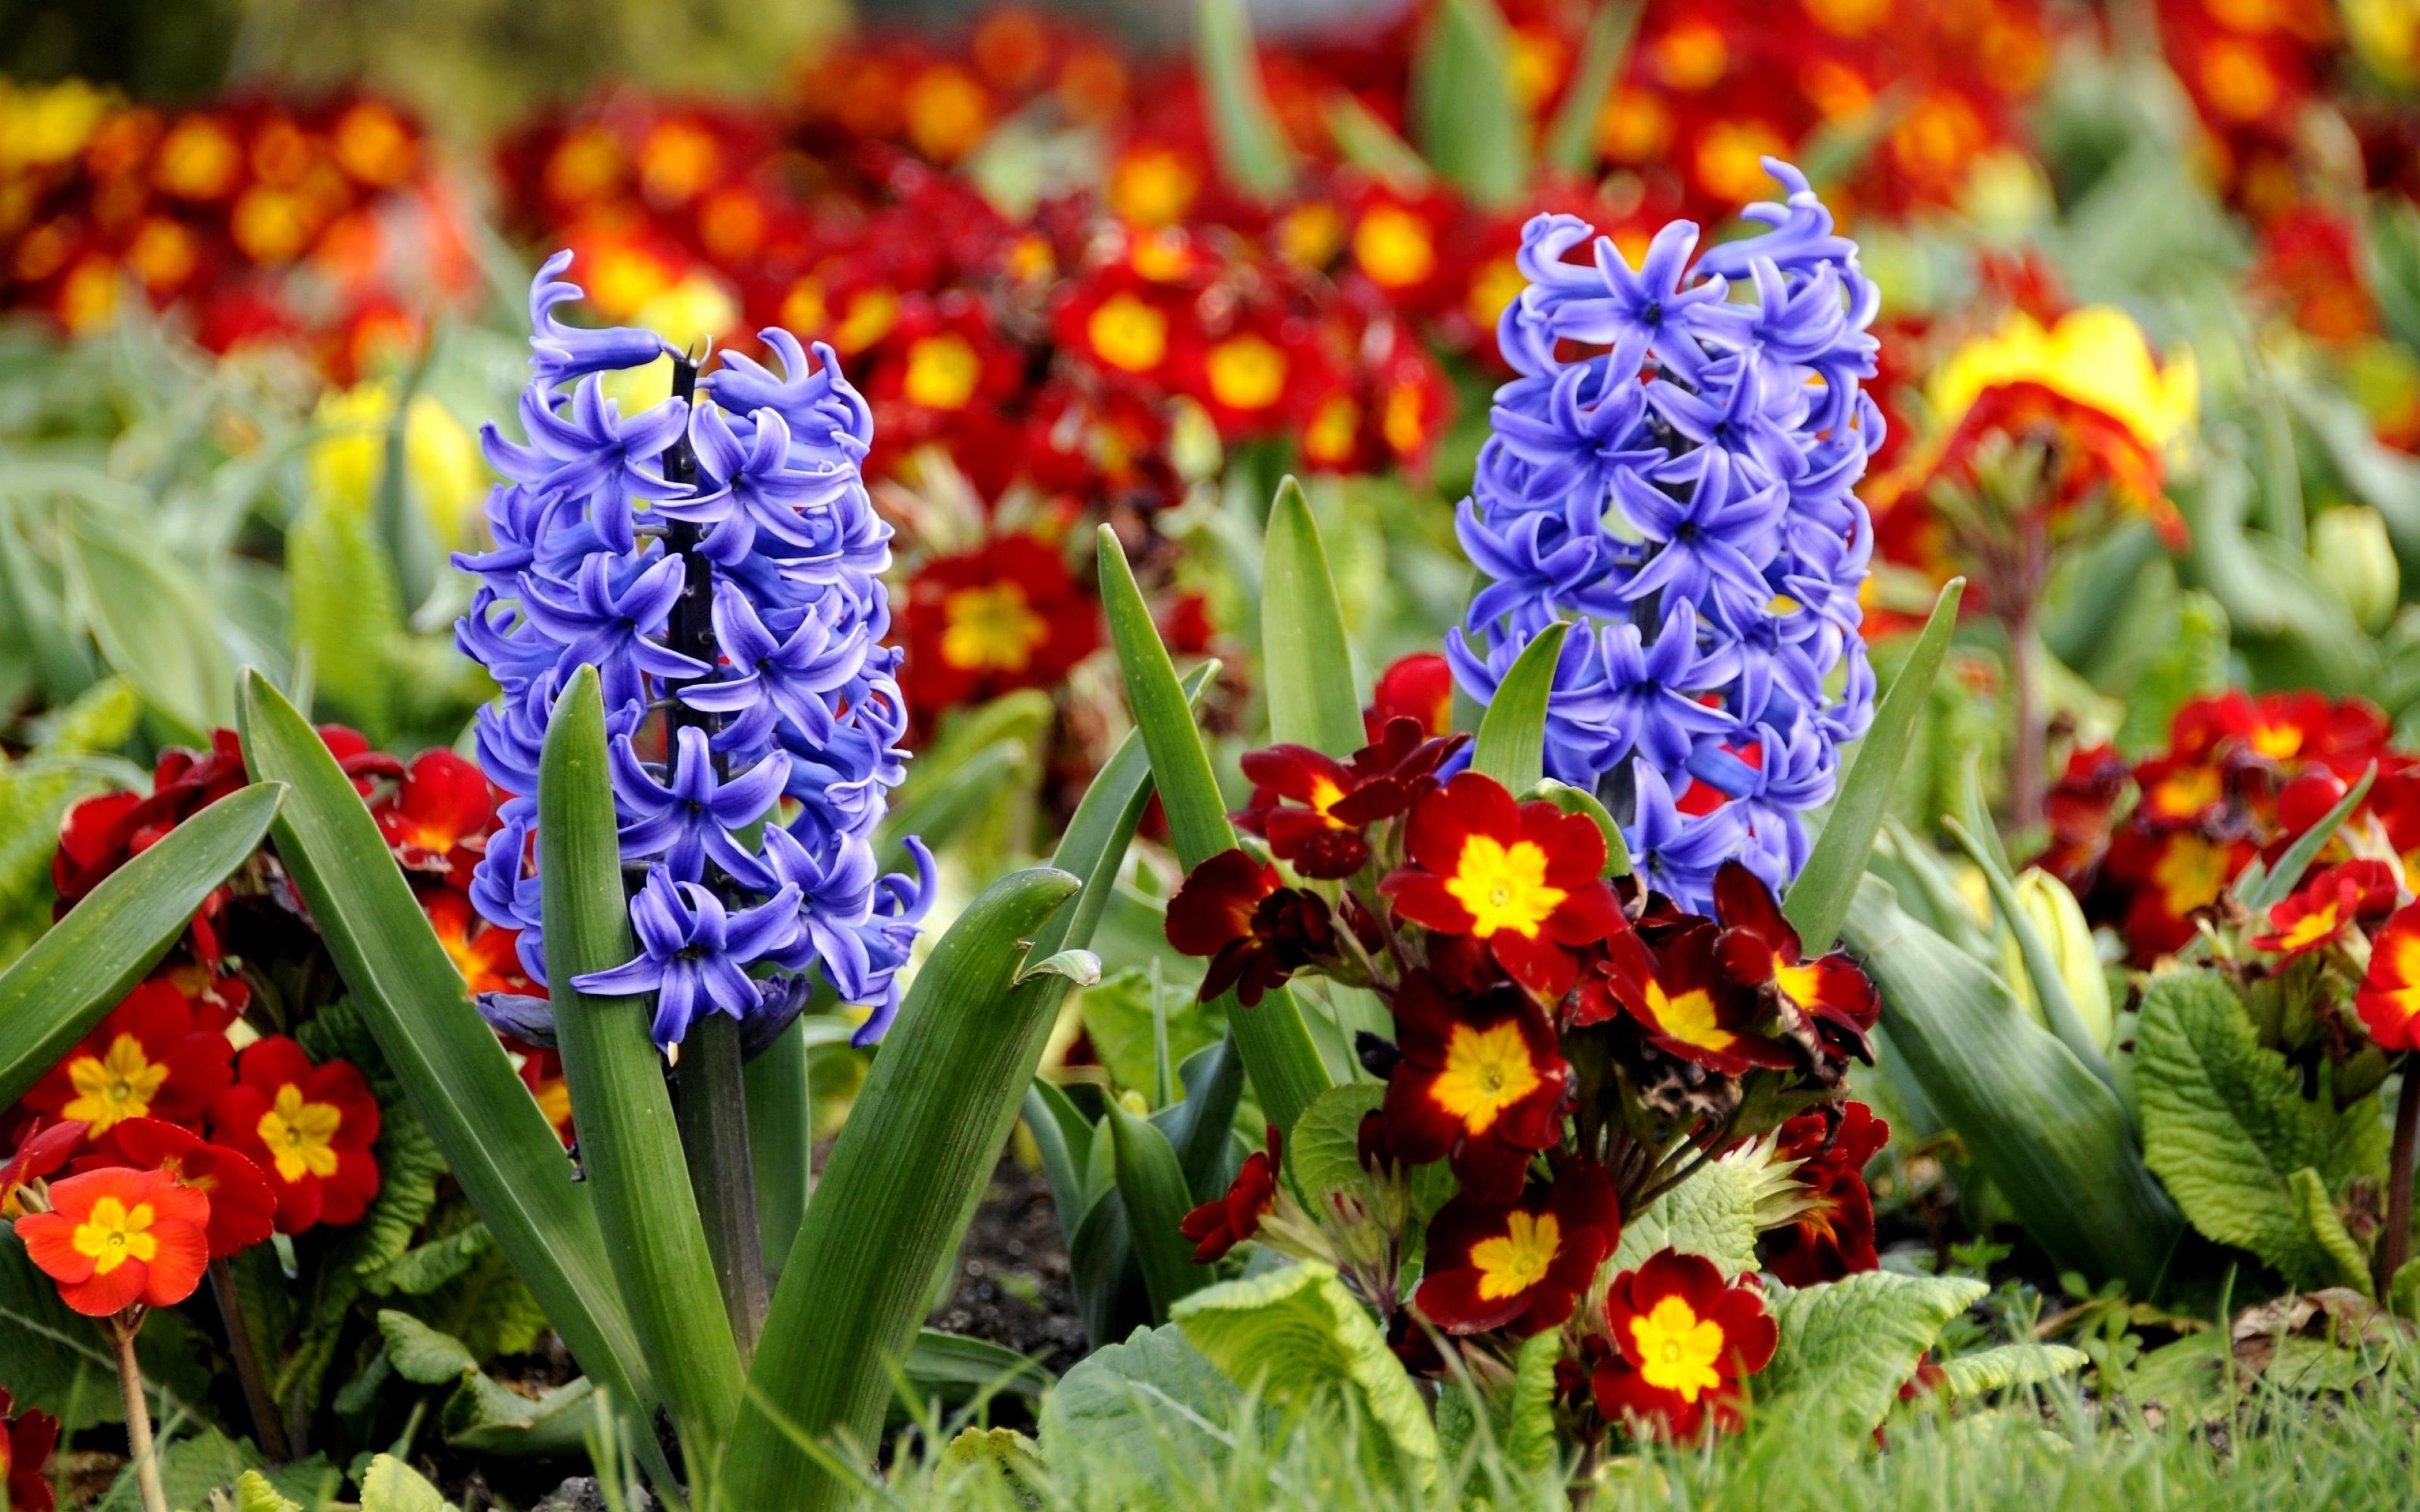 красивые букеты весенних цветов обои на рабочий стол